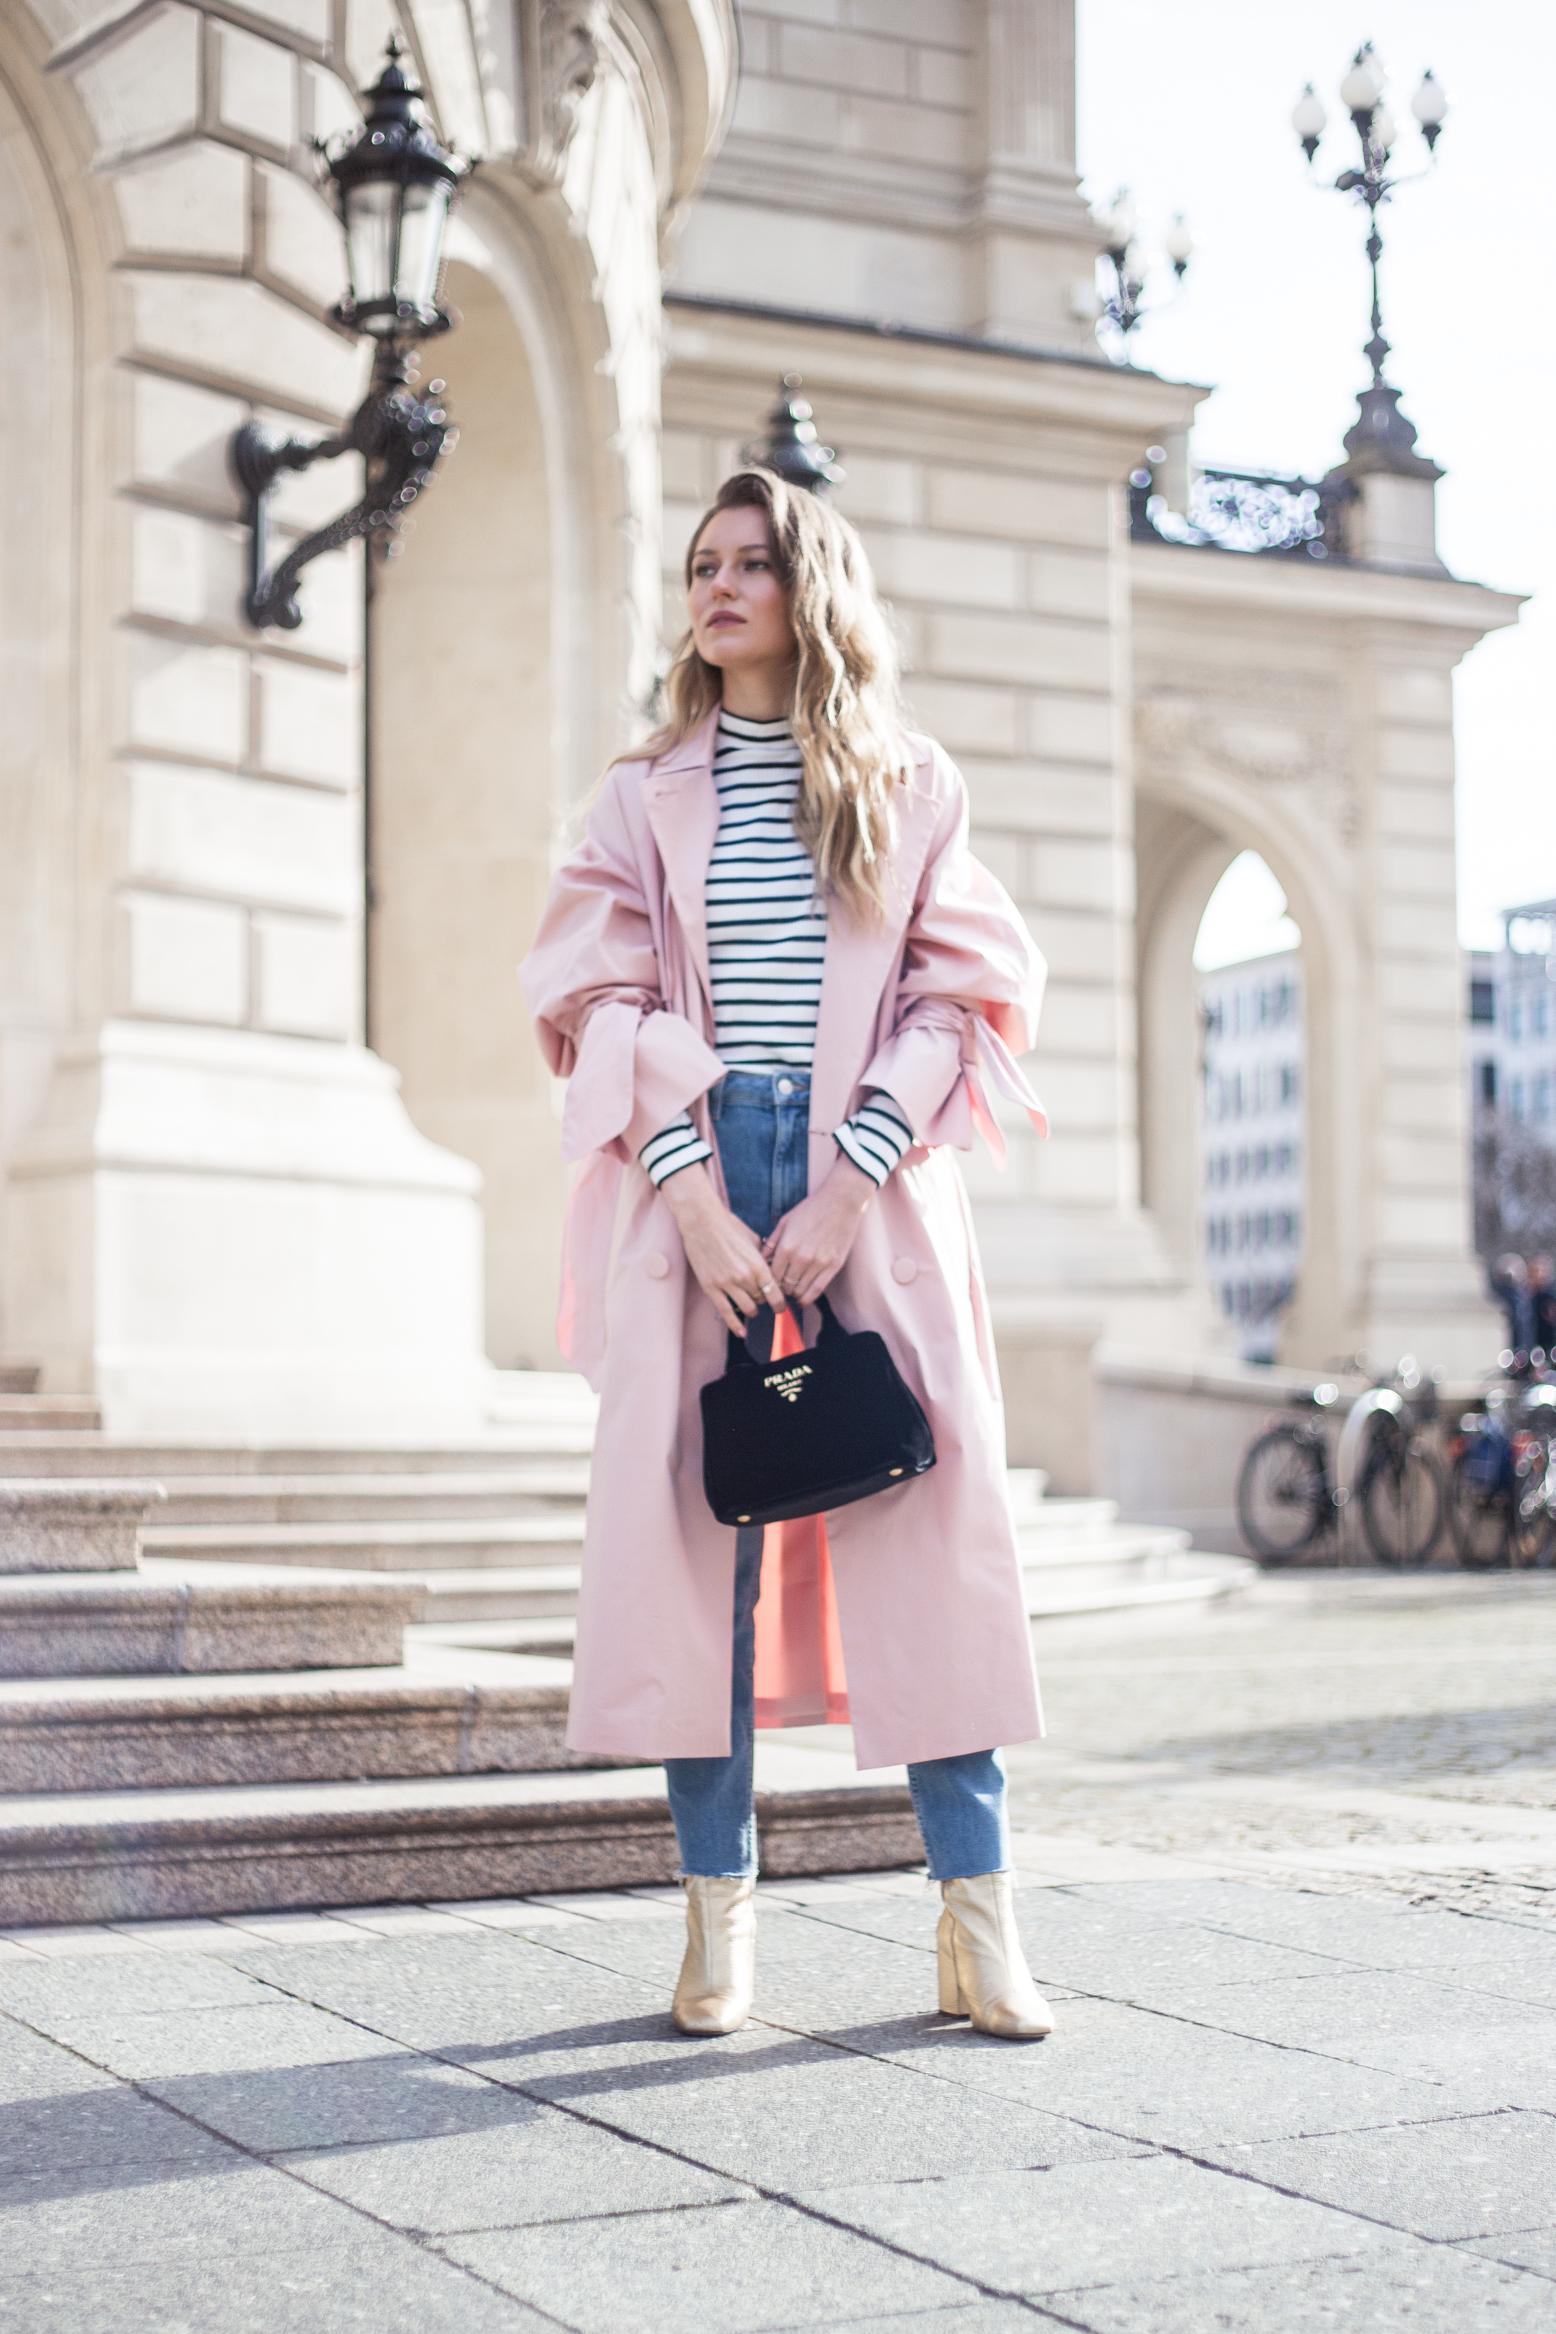 trenchcoat-outfit-prada-bag-velvet-0168